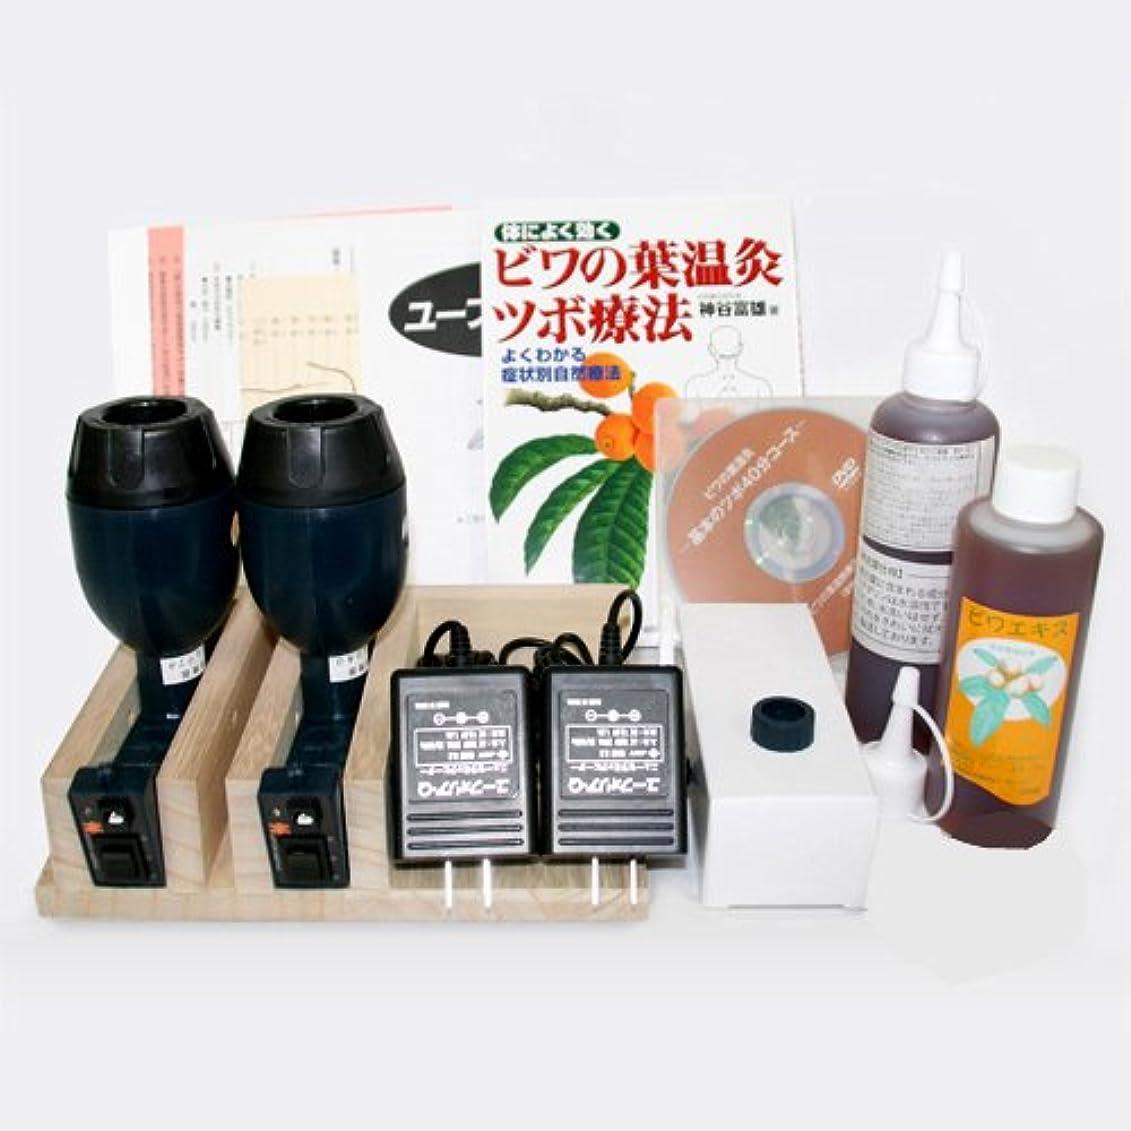 移動ヒューマニスティックまでびわの葉温灸器ユーフォリアQ+専用カセット54個+ビワエキス計450ミリ+DVD?本付